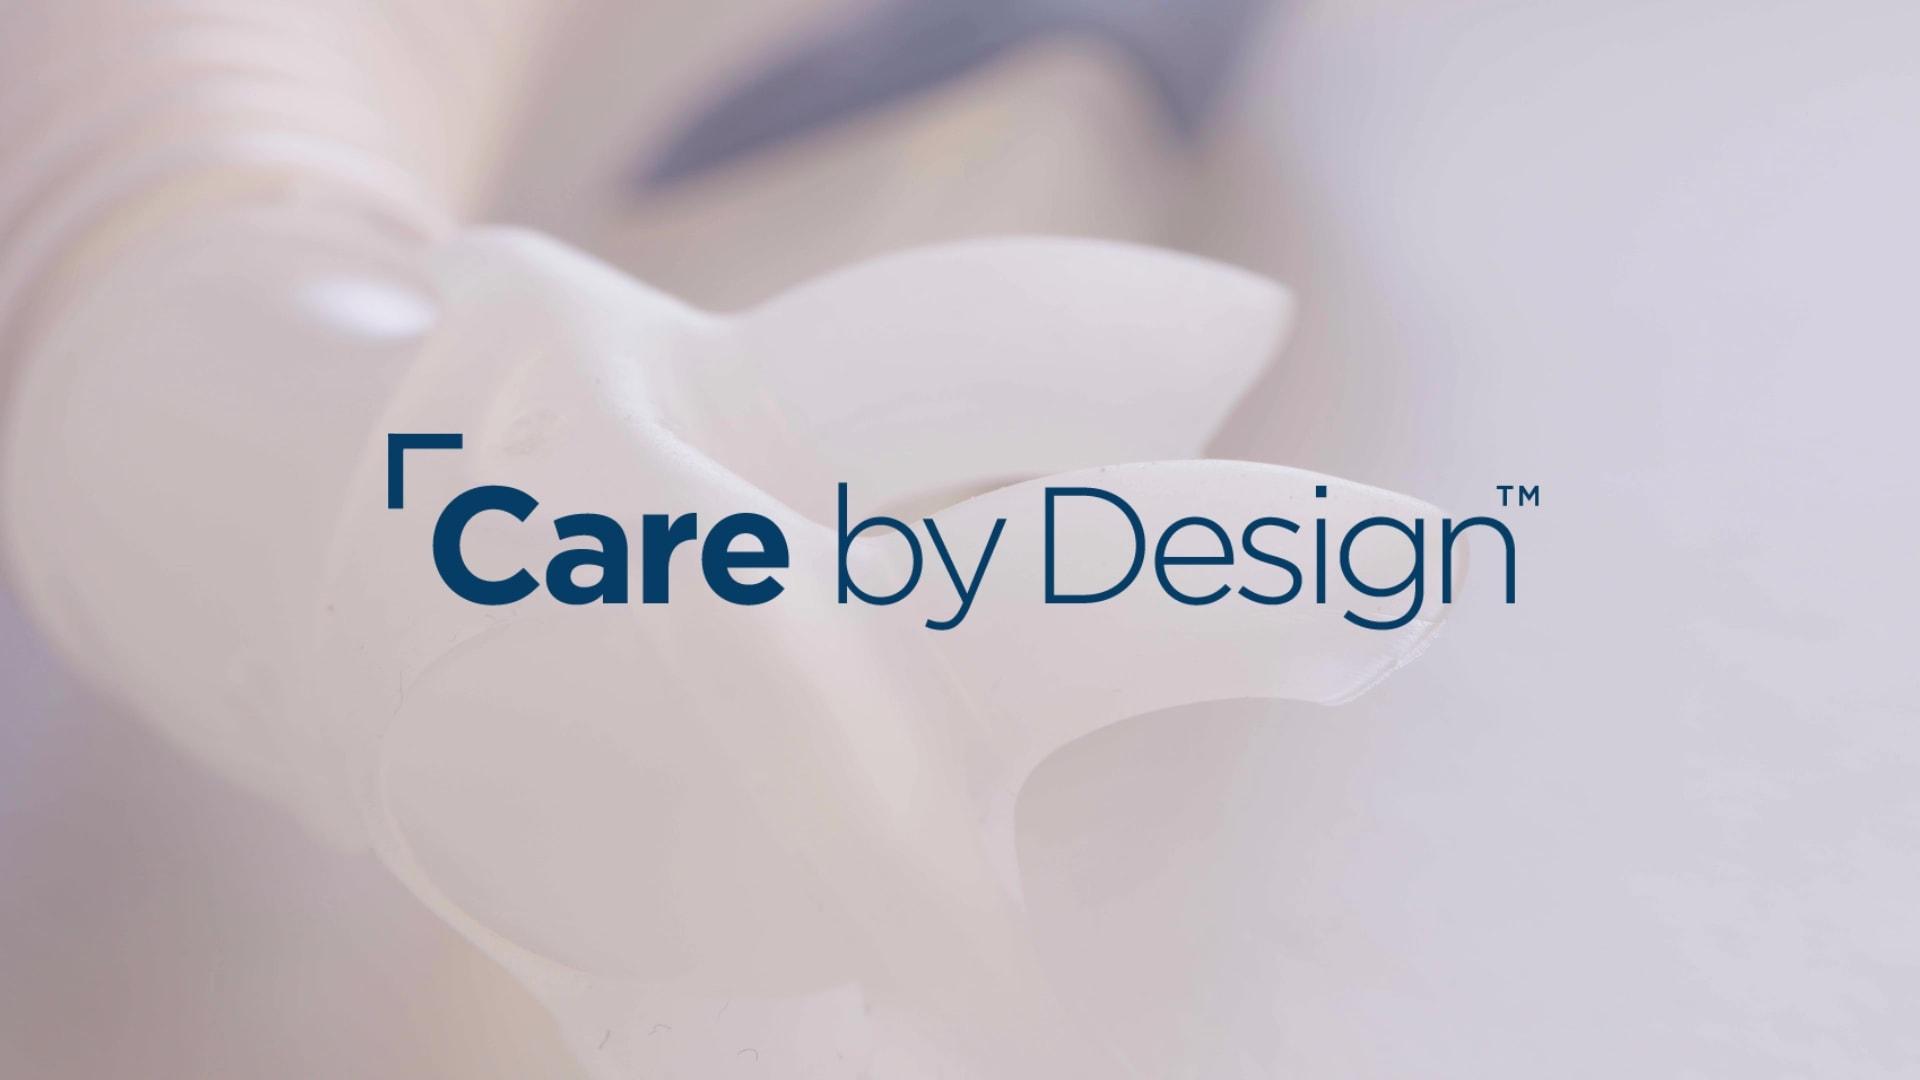 Company profile graphic titles